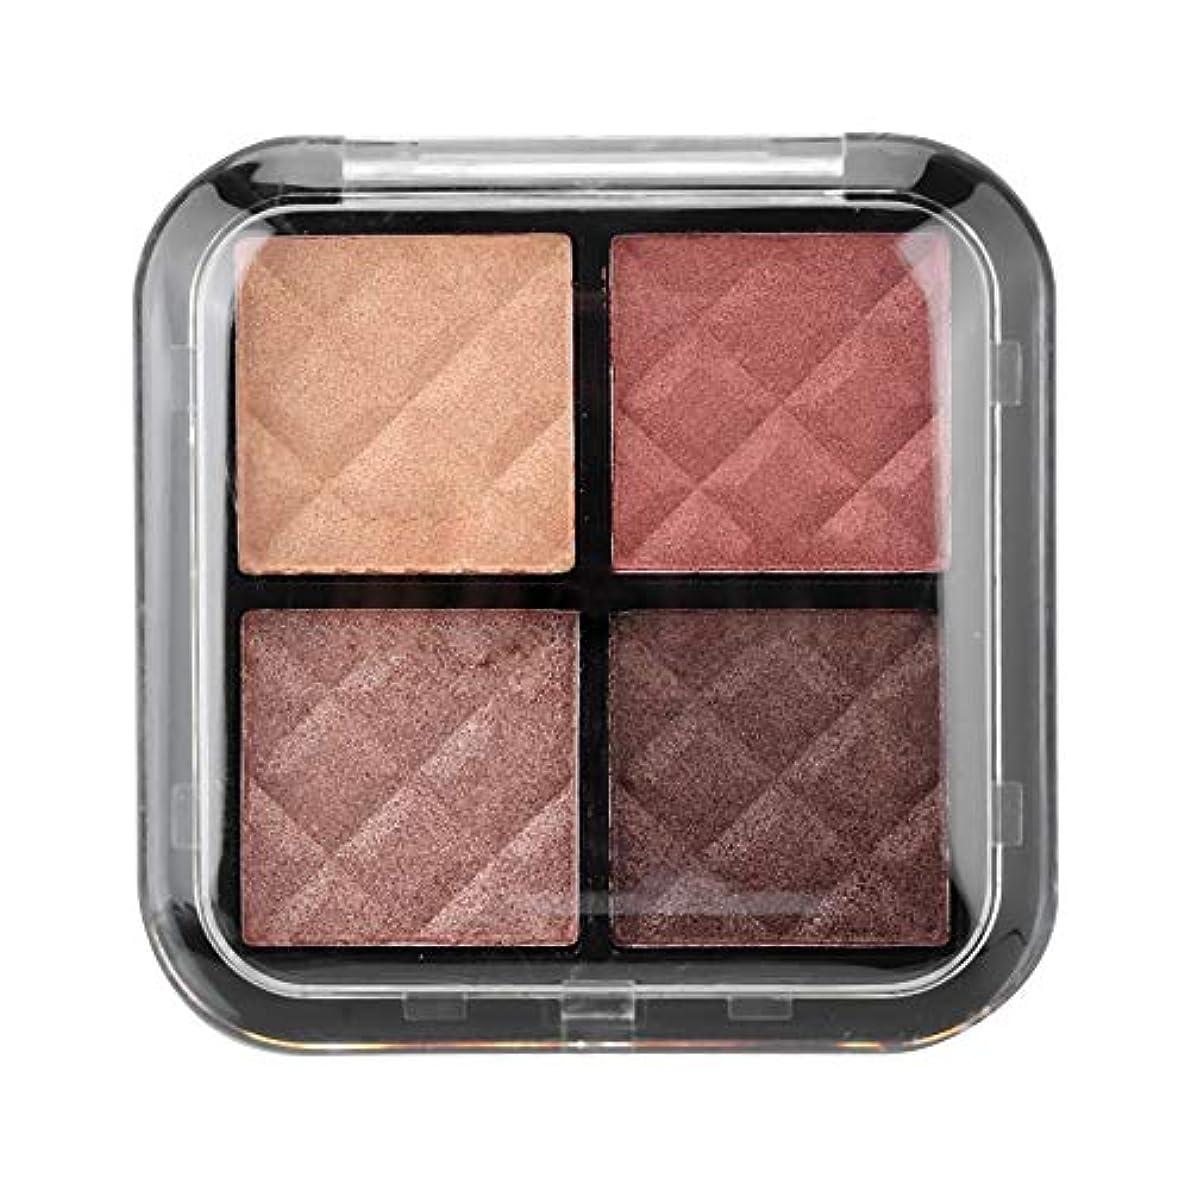 火山学者委員会梨アイシャドウパレット 4色 化粧マット 化粧品ツール グロス アイシャドウパウダー(01)